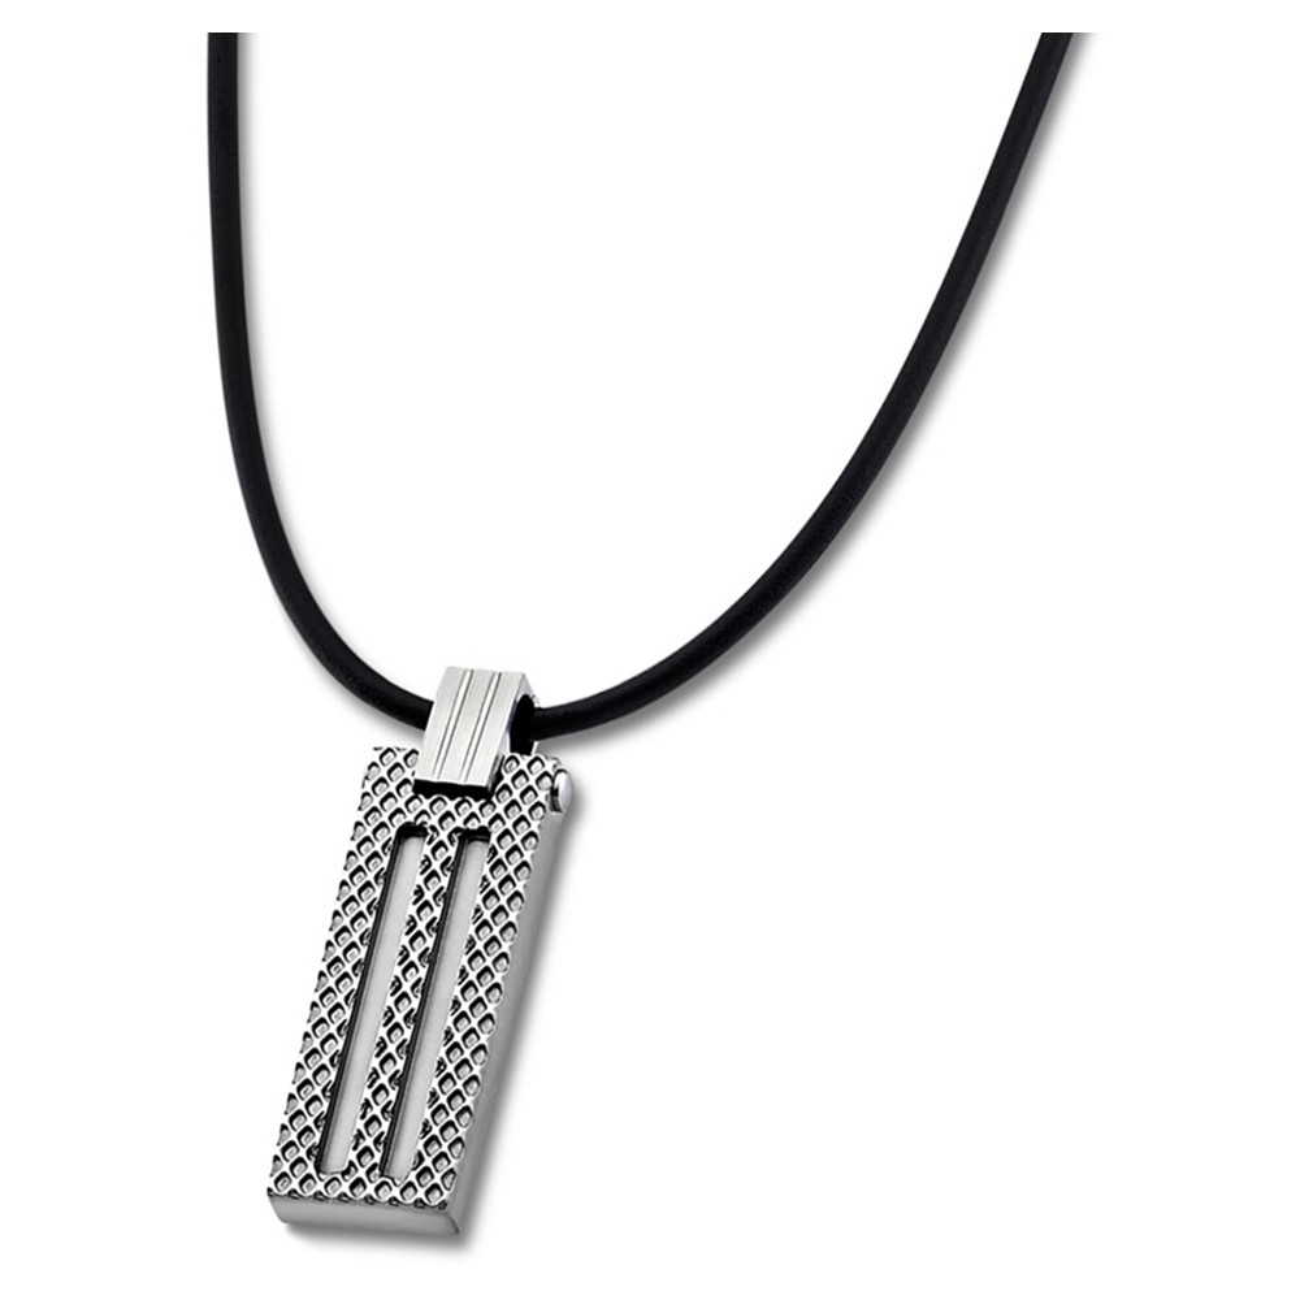 LOTUS Style Halskette Herren LS1797-1/1 Edelstahl silber schwarz JLS1797-1-1